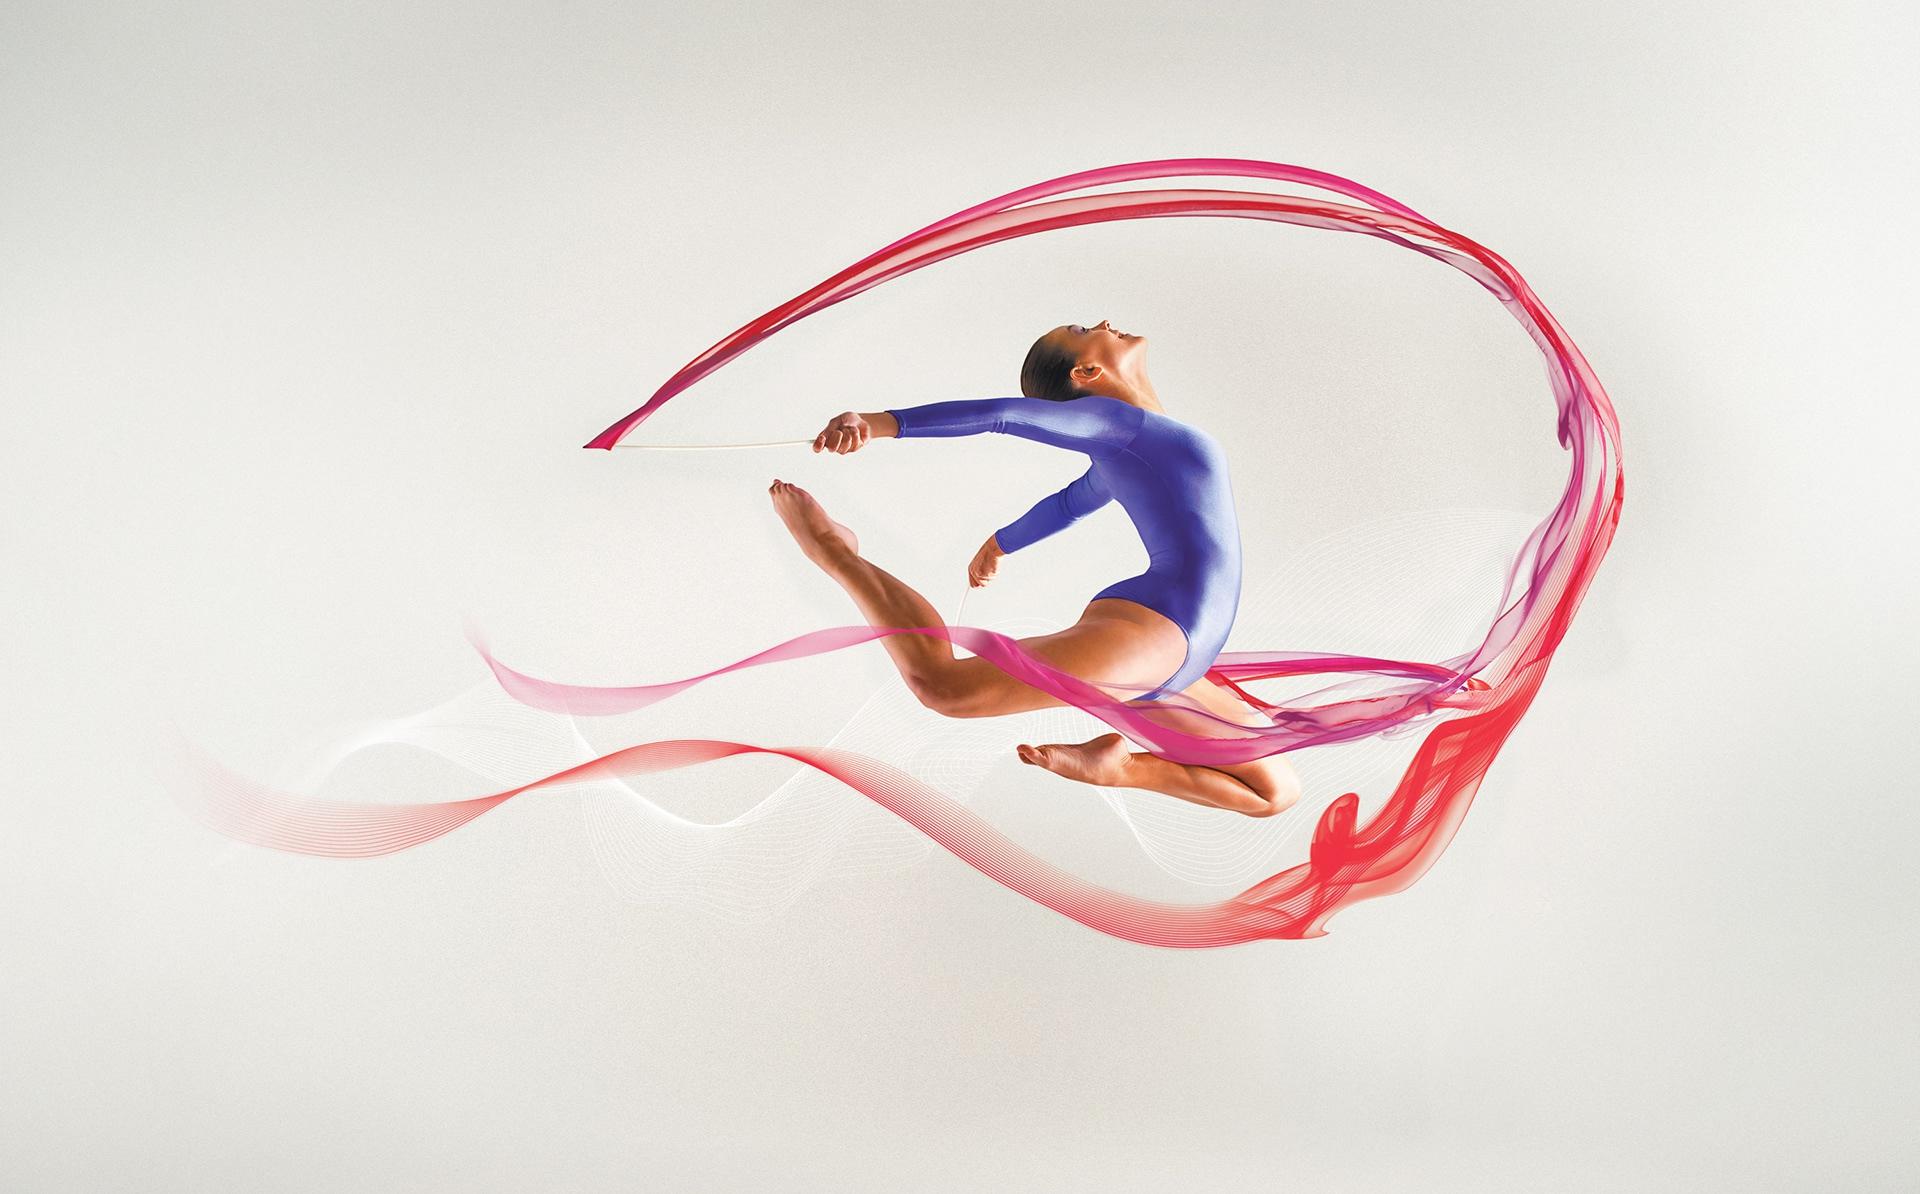 самый поздравления спортсменам спортивной гимнастики все